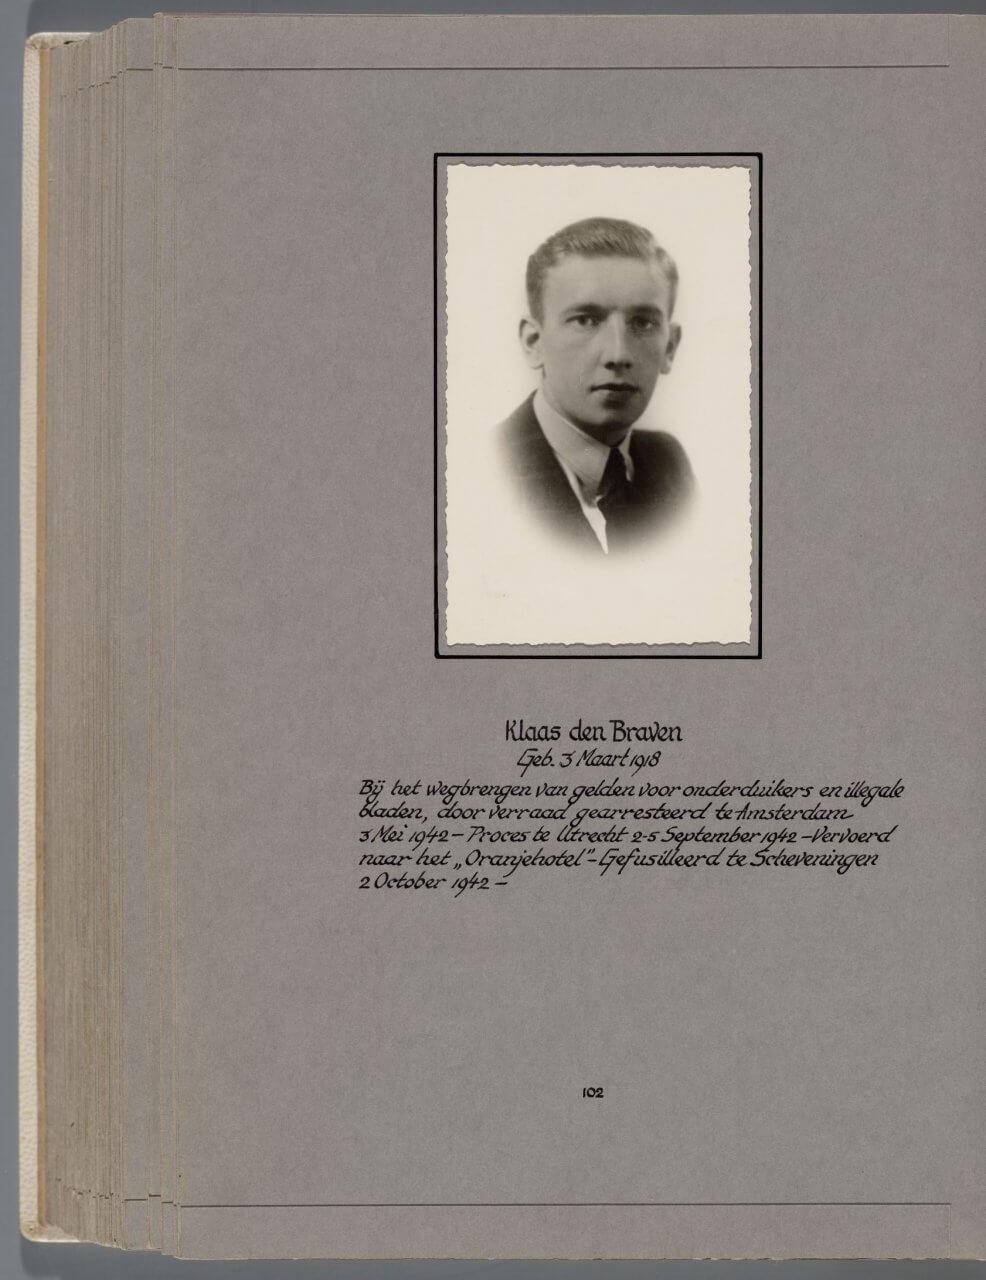 Doodenboek Klaas den Braven Waalsdorpervlakte